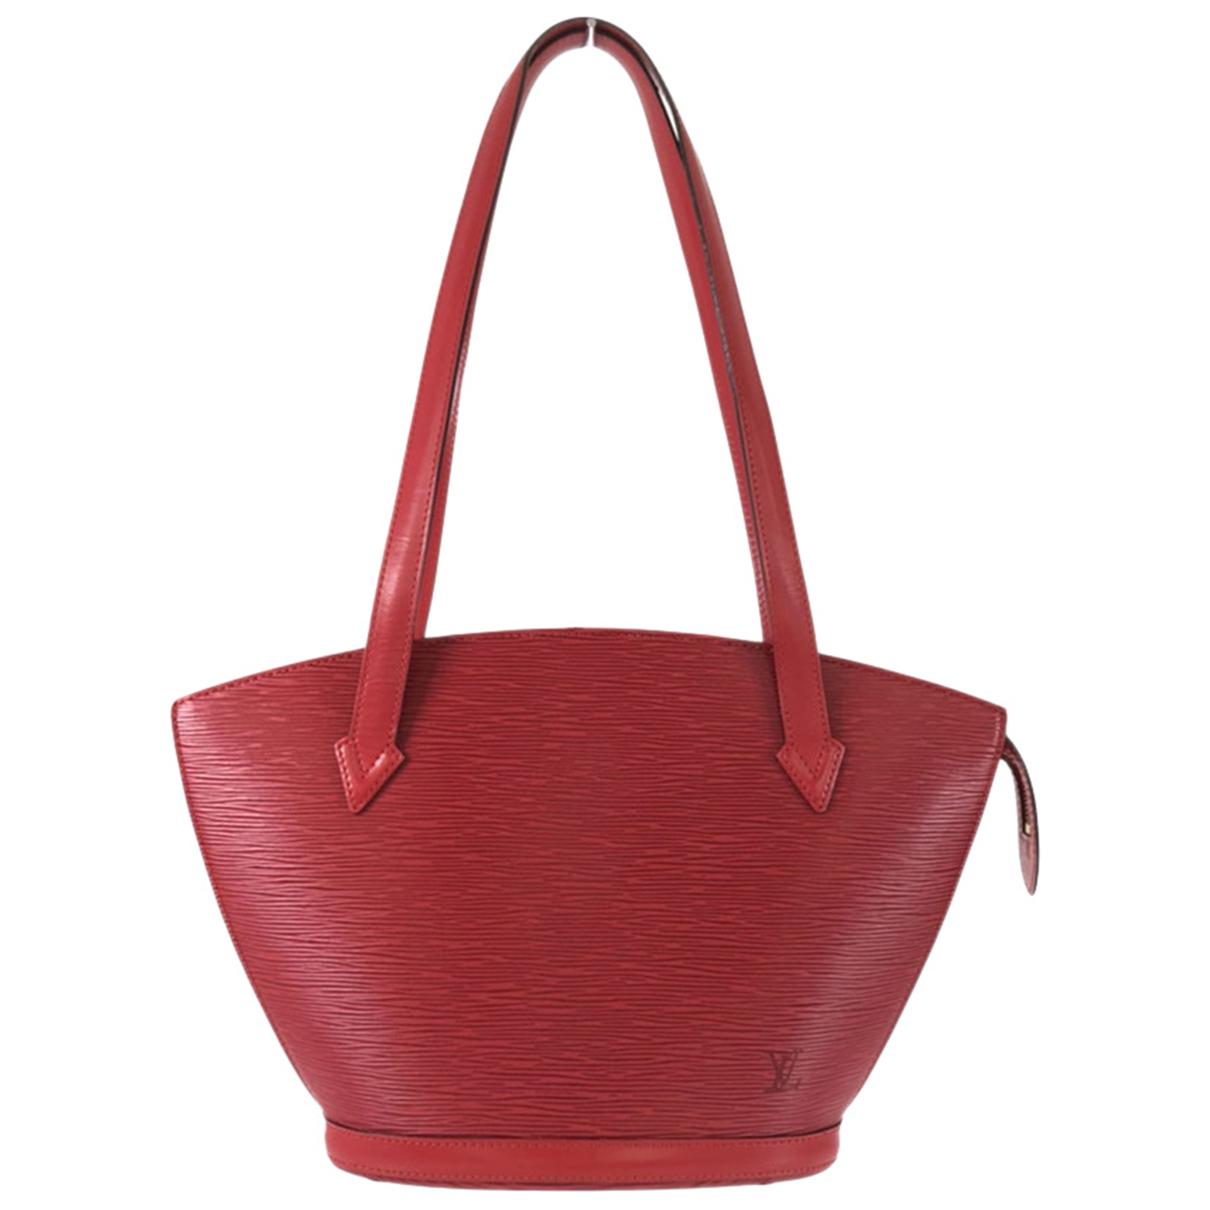 Louis Vuitton Saint Jacques Red Leather handbag for Women N